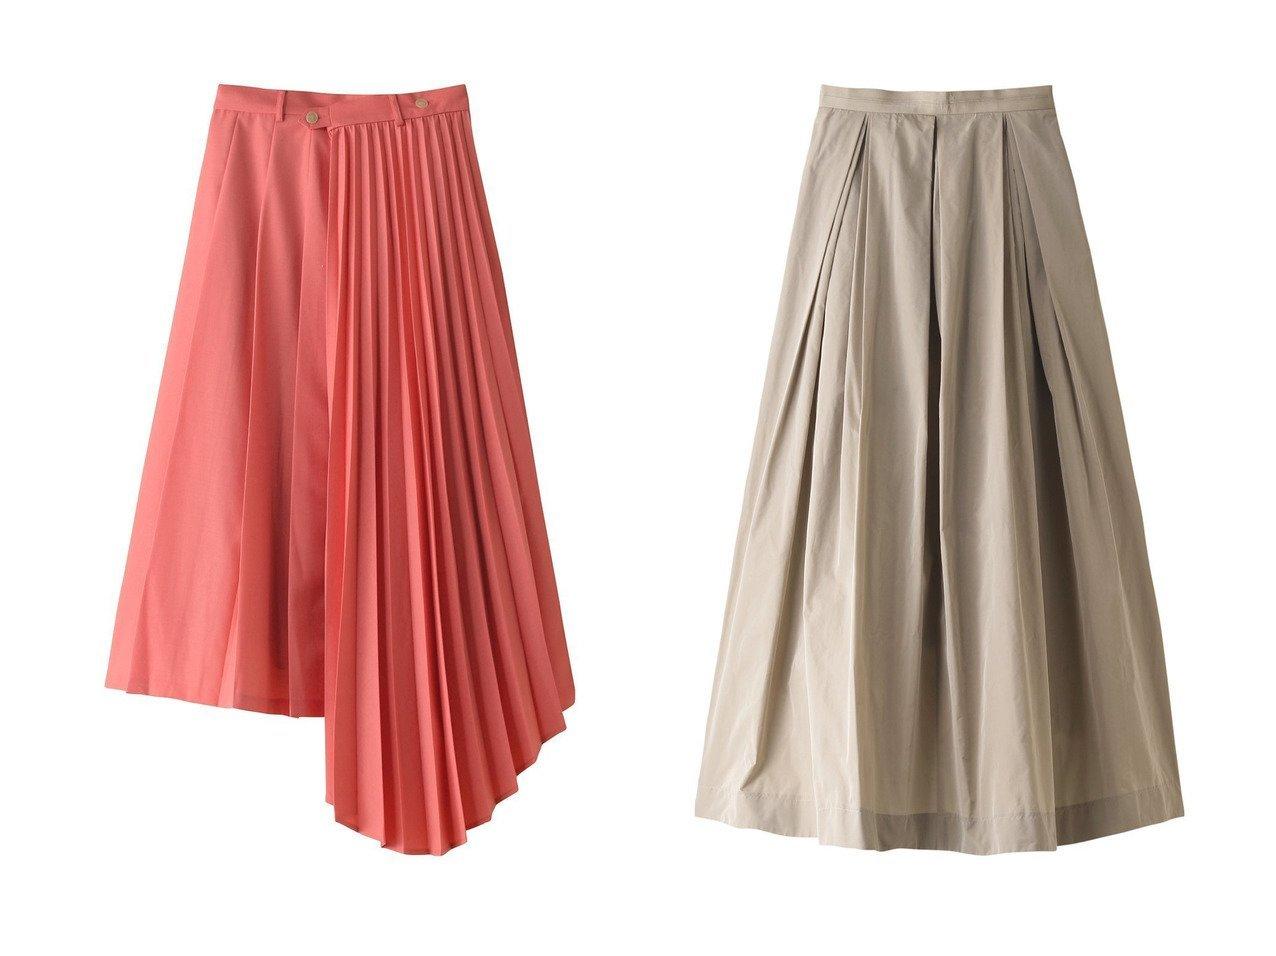 【LE CIEL BLEU/ルシェル ブルー】のアシンメトリープリーツスカート&【DEPAREILLE/デパリエ】のマイクロタフタスカート 【スカート】おすすめ!人気、トレンド・レディースファッションの通販 おすすめで人気の流行・トレンド、ファッションの通販商品 インテリア・家具・メンズファッション・キッズファッション・レディースファッション・服の通販 founy(ファニー) https://founy.com/ ファッション Fashion レディースファッション WOMEN スカート Skirt プリーツスカート Pleated Skirts ロングスカート Long Skirt アシンメトリー プリーツ ロング ワイド タフタ バランス |ID:crp329100000071360